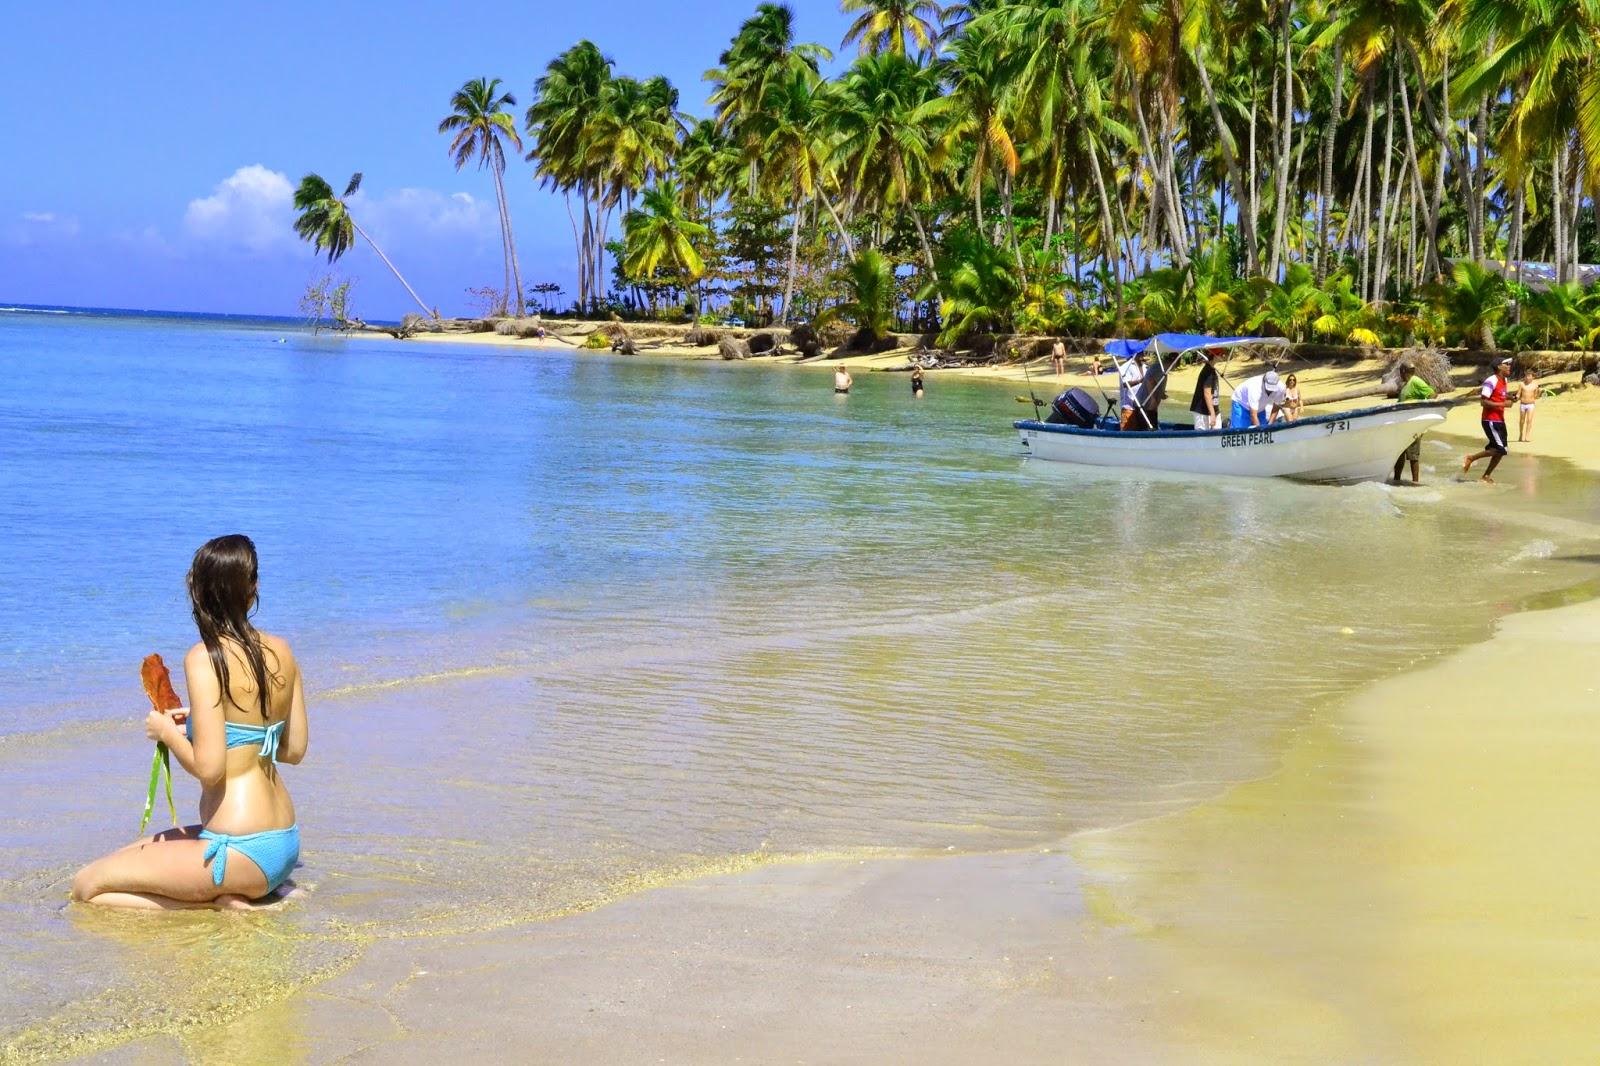 punta bonita, samana, republica dominicana, blog de viajes